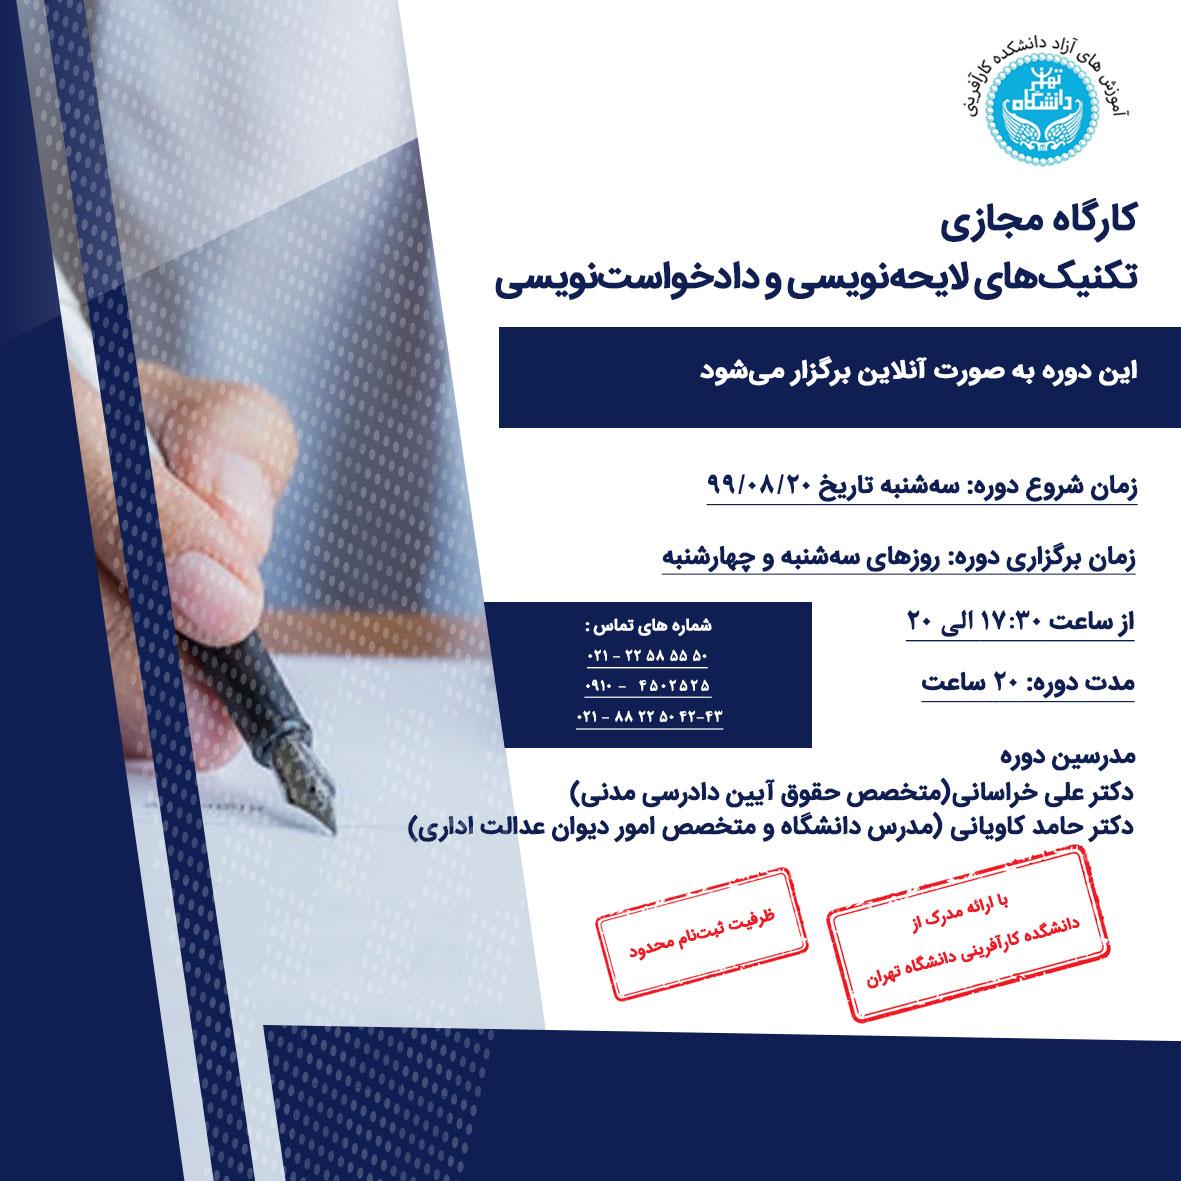 کارگاه های مکمل مهارت افزایی حقوقی